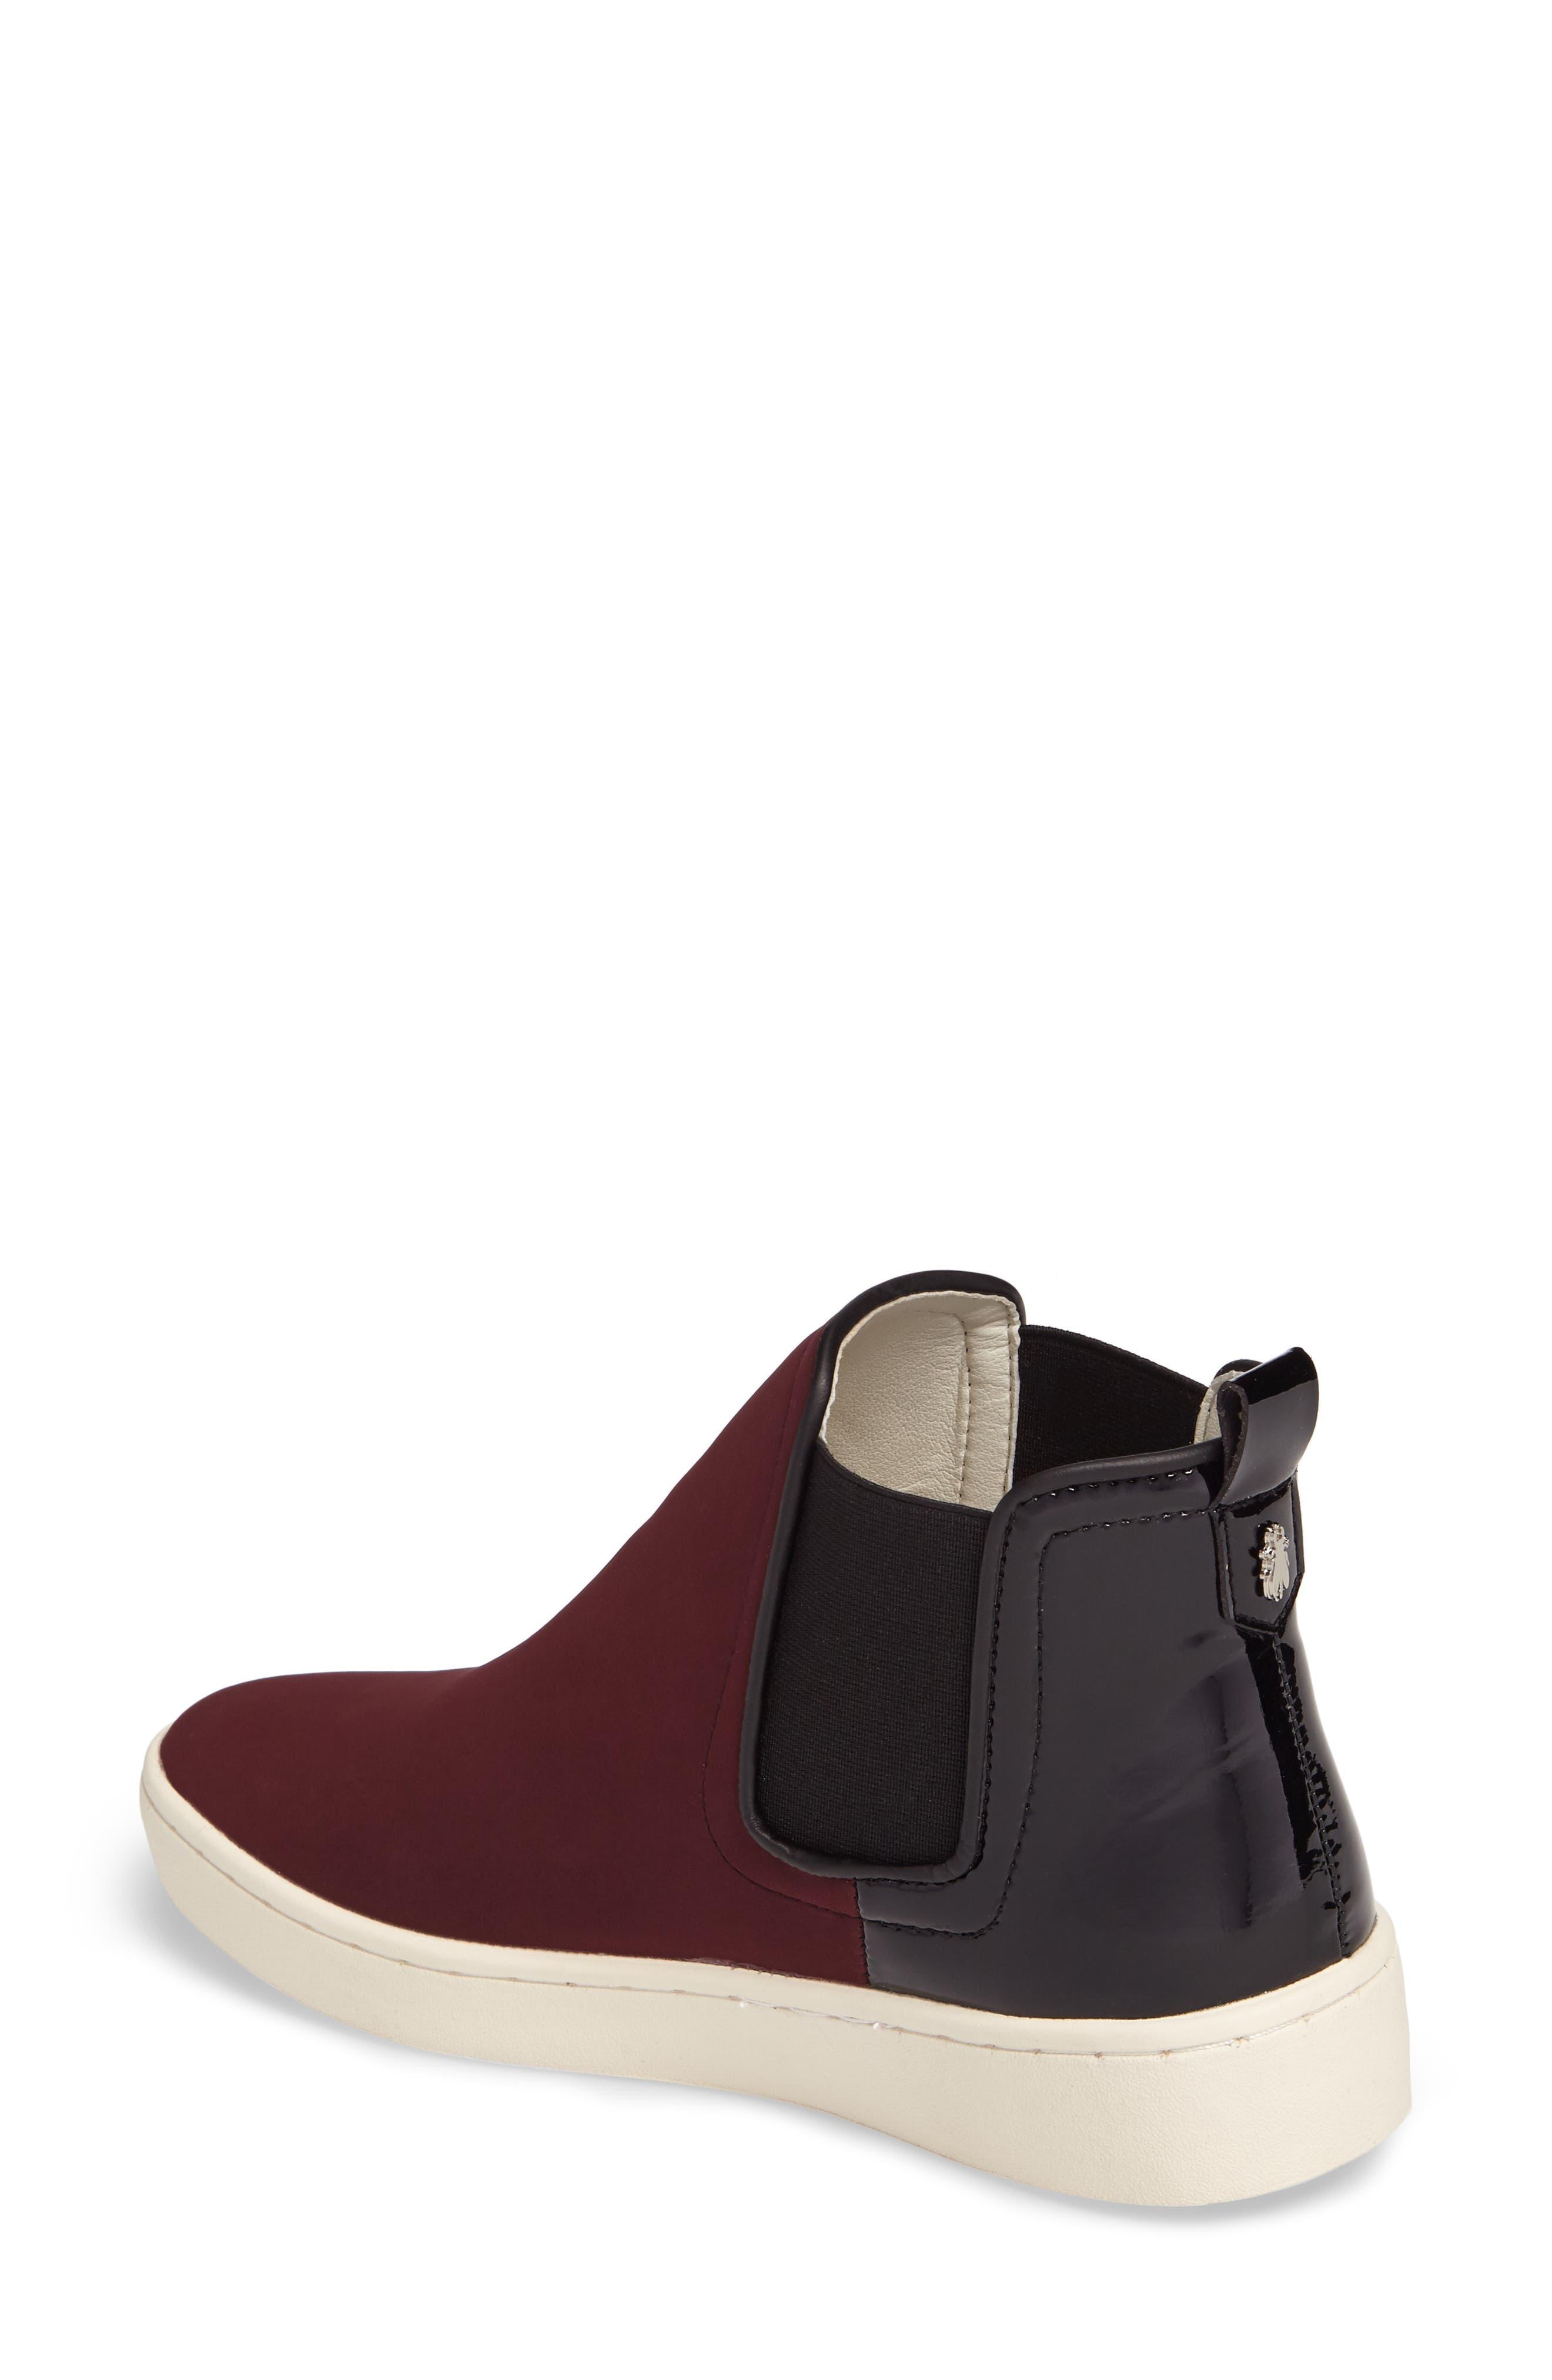 'Mabs' Slip-On Platform Sneaker,                             Alternate thumbnail 2, color,                             003